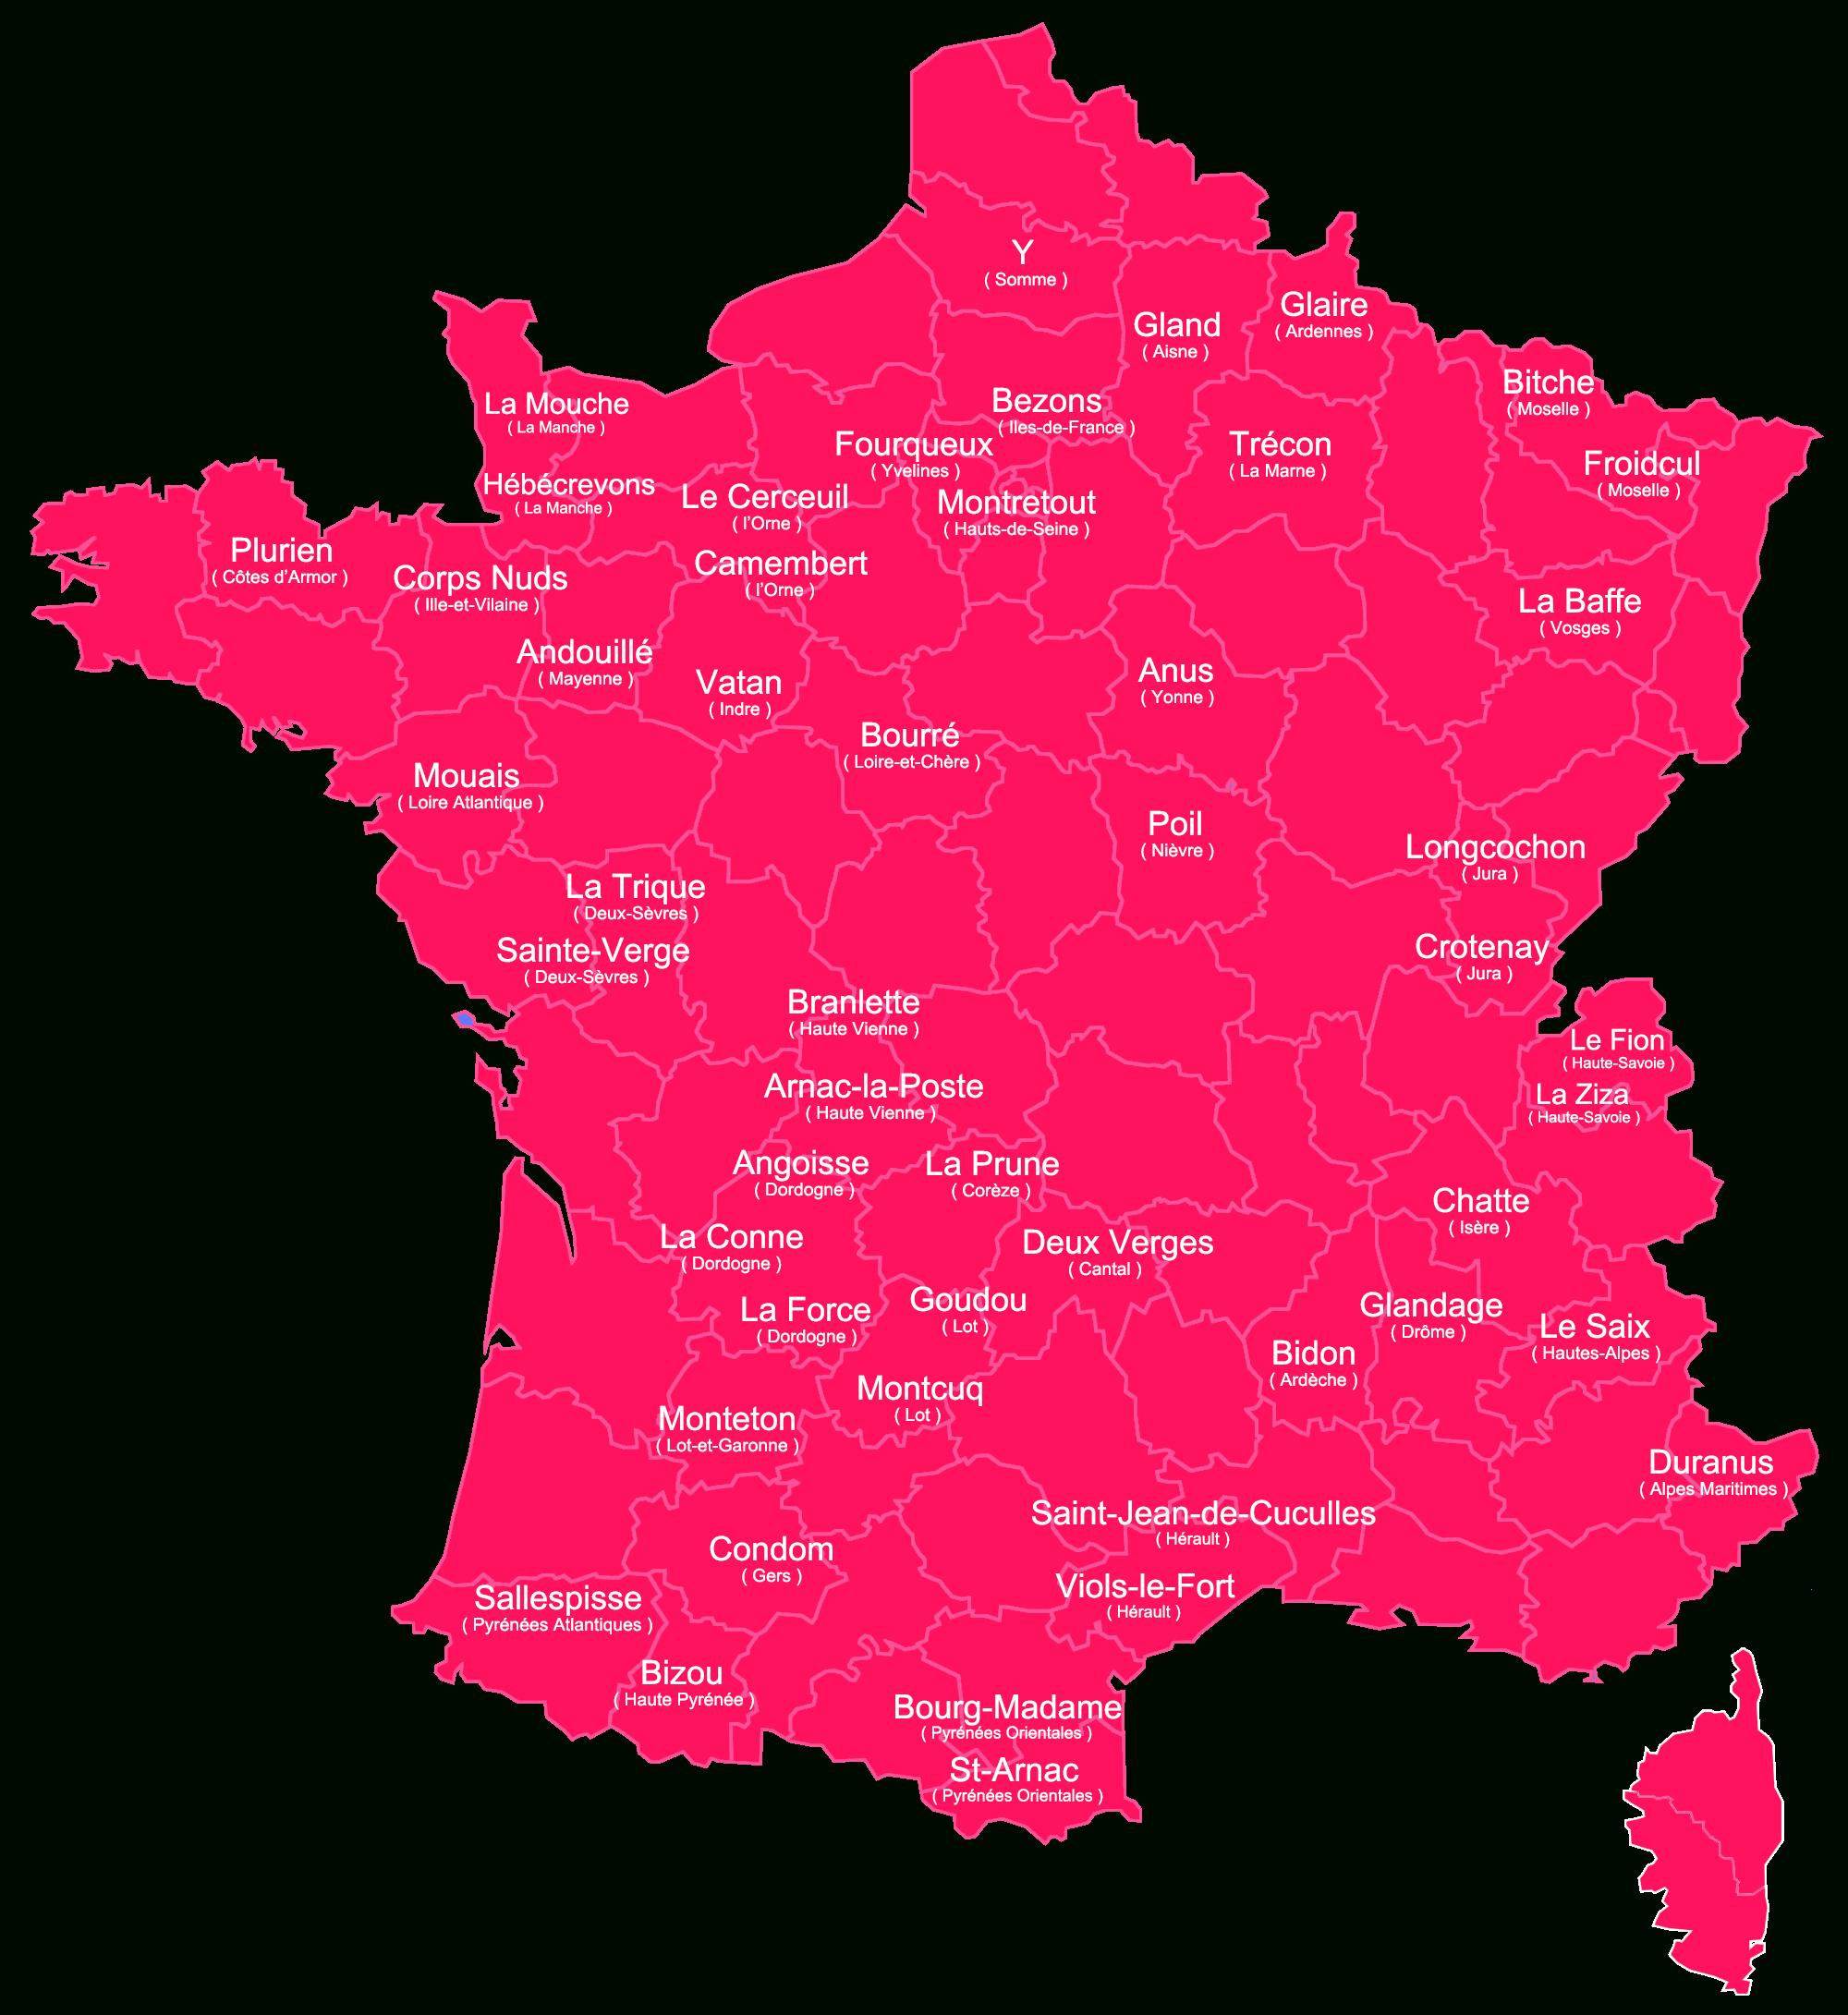 Notre Carte Des Noms De Villes Les Plus Drôles En France intérieur Carte De France Avec Les Villes